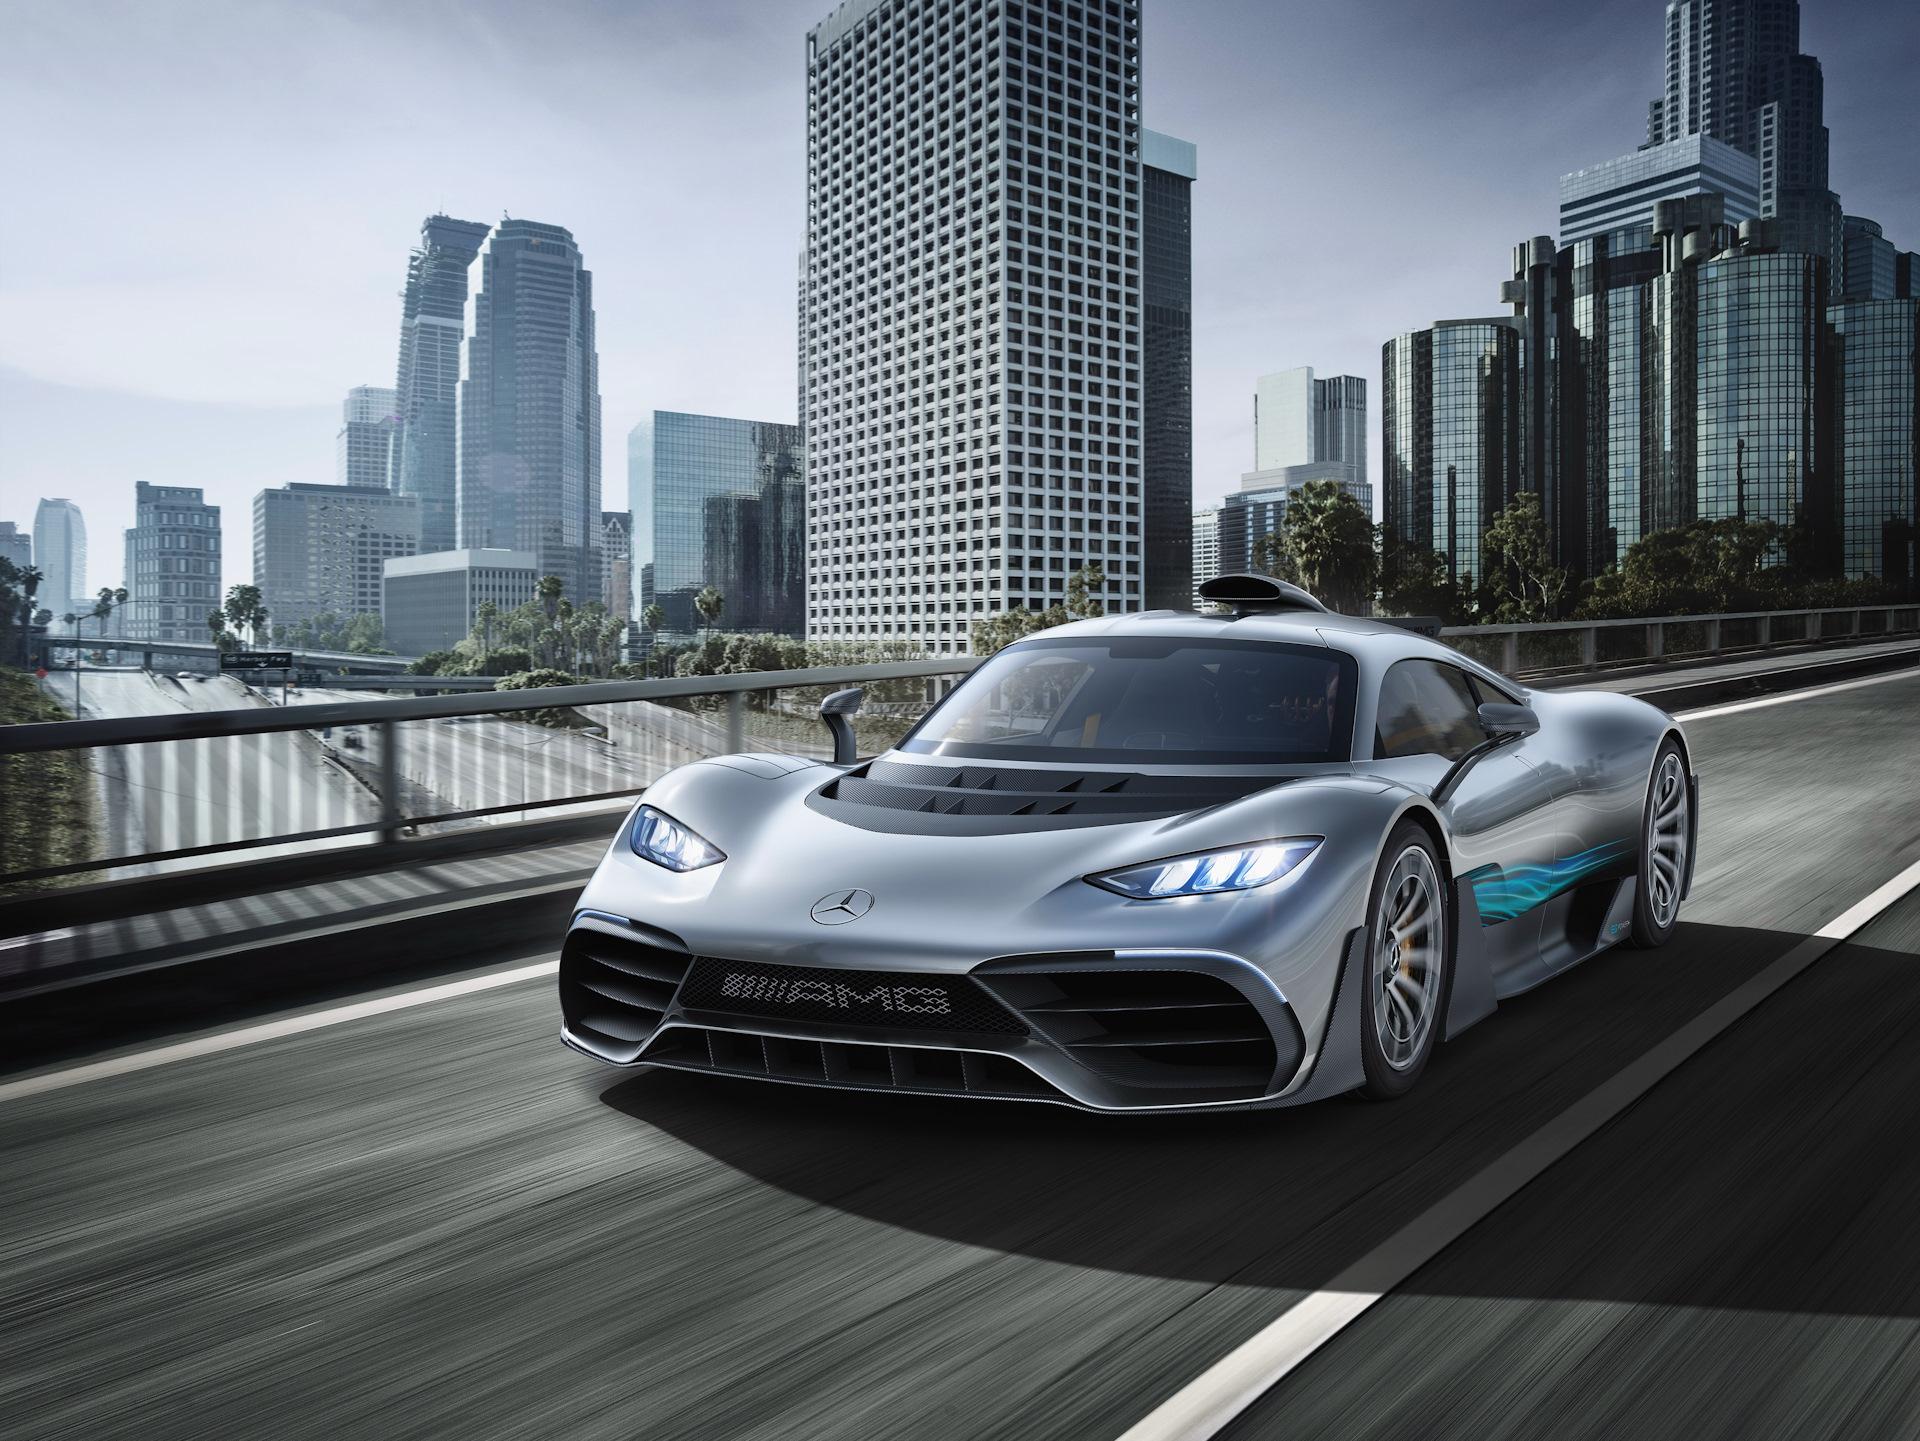 Mercedes-AMG выпустит почти 300 новых спорткаров